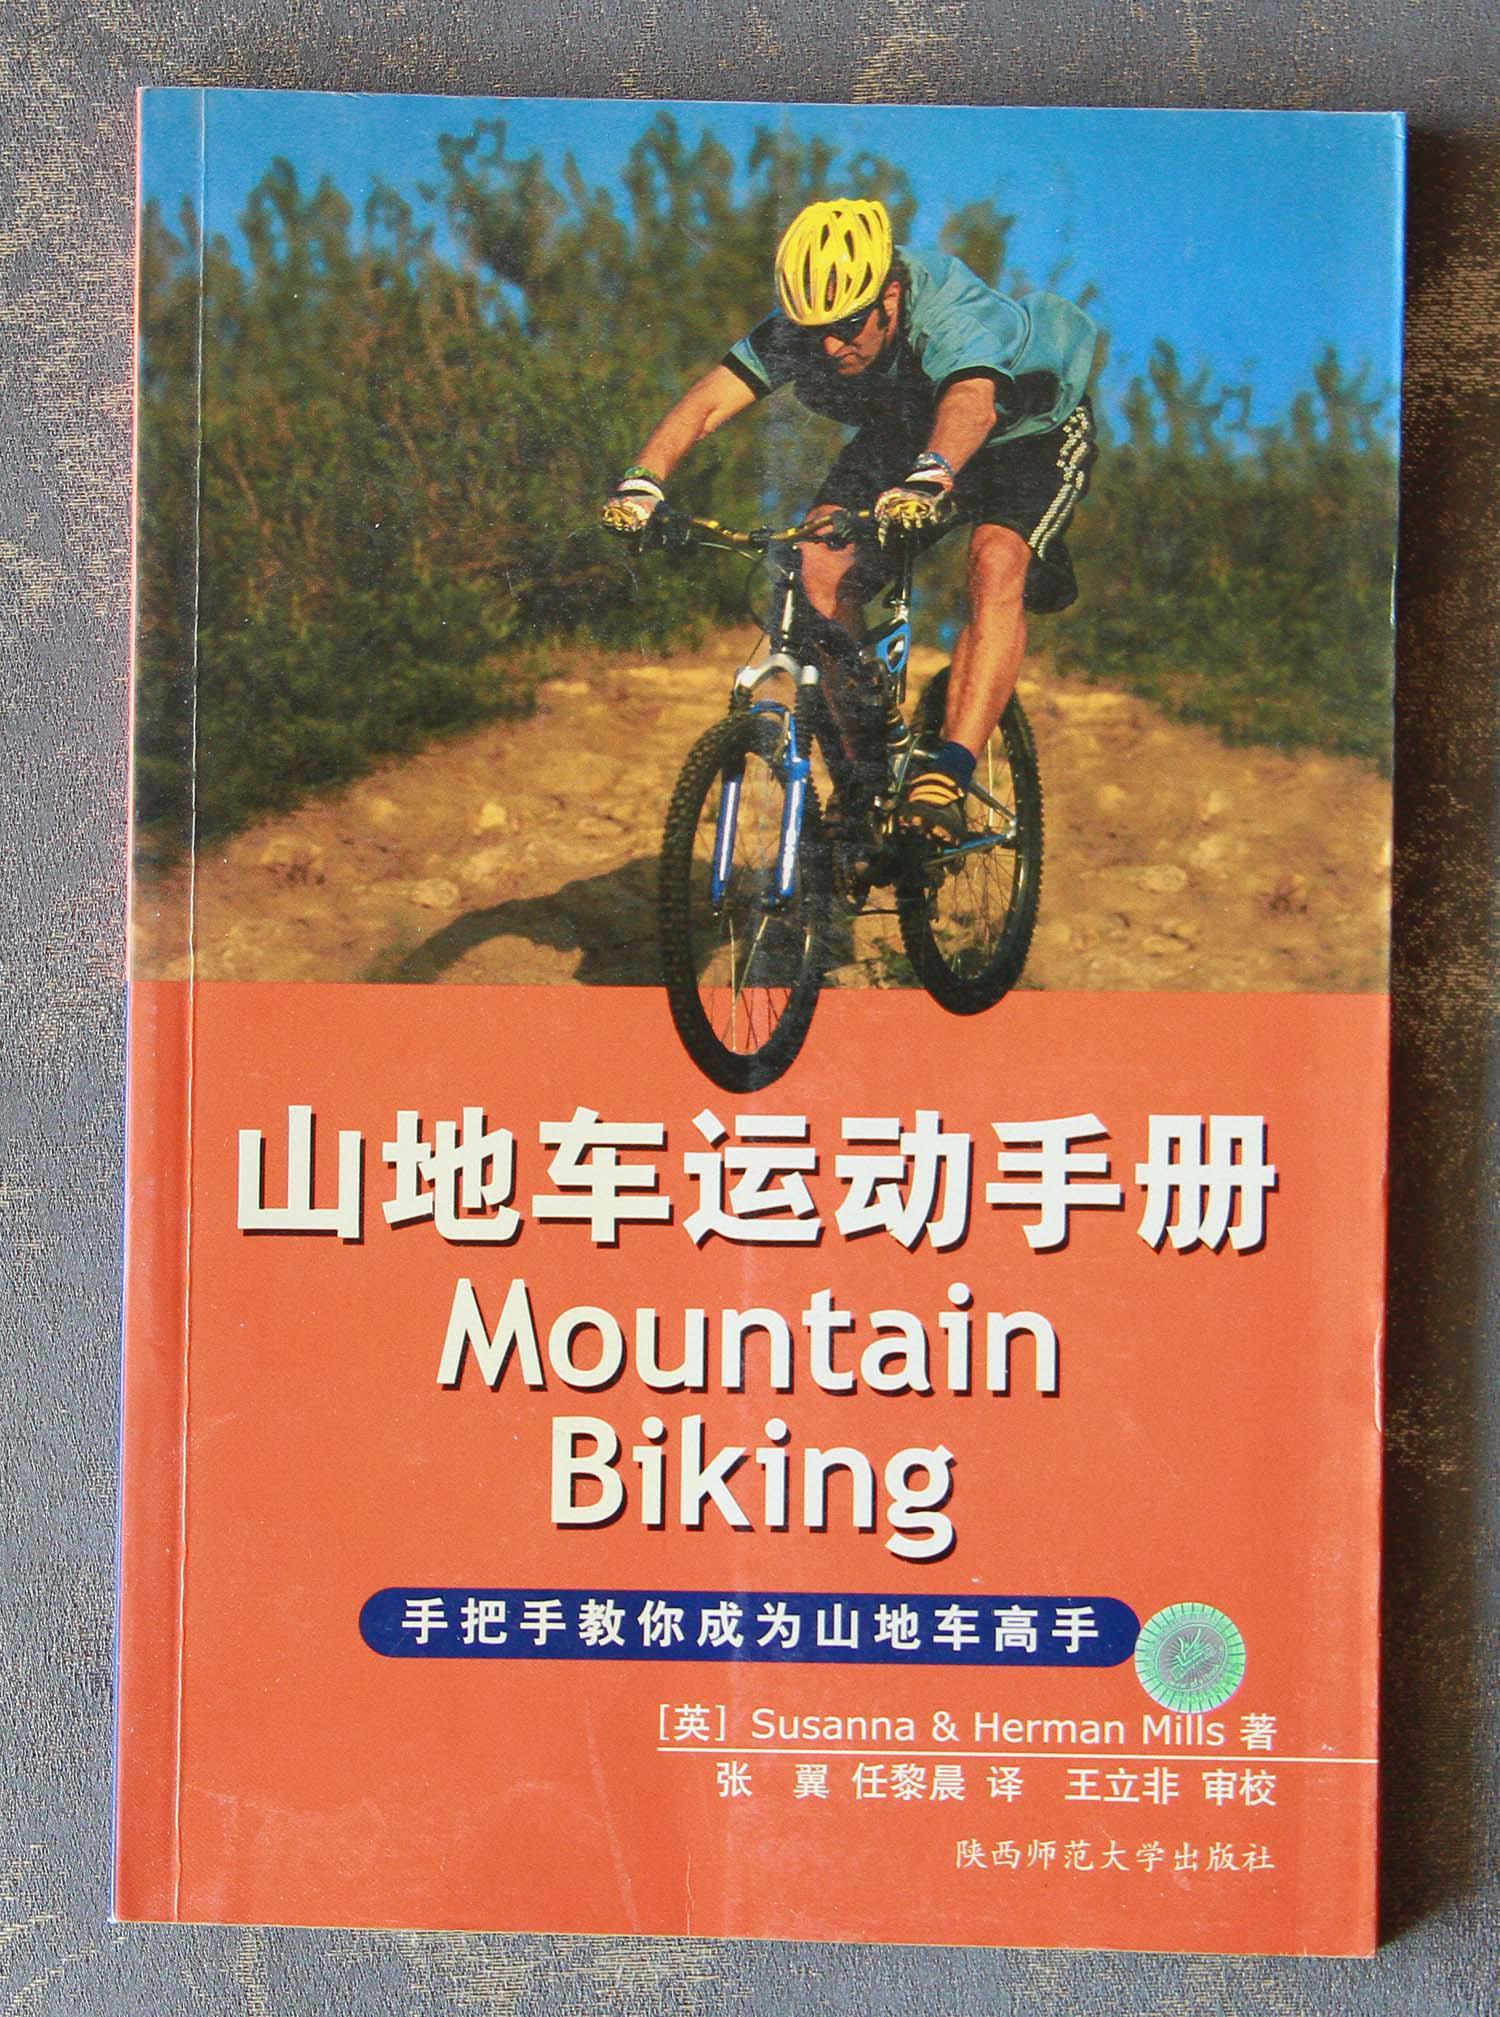 山地车运动手册 手把手教你成为山地车运动高手